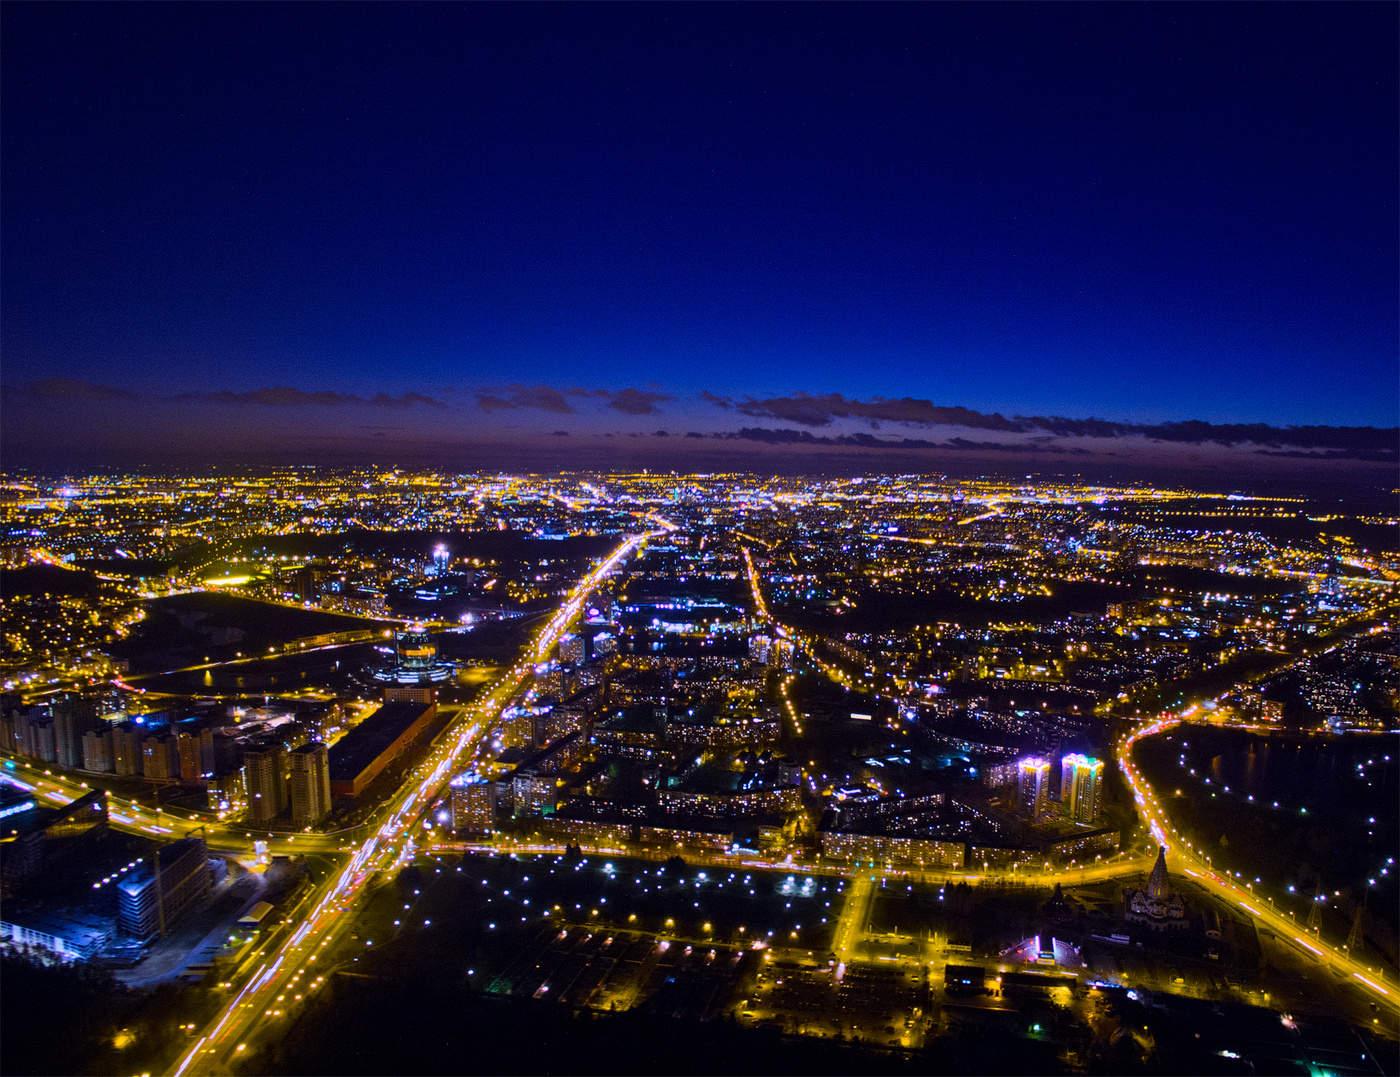 картинки ночные фото с высоты работы фотографом